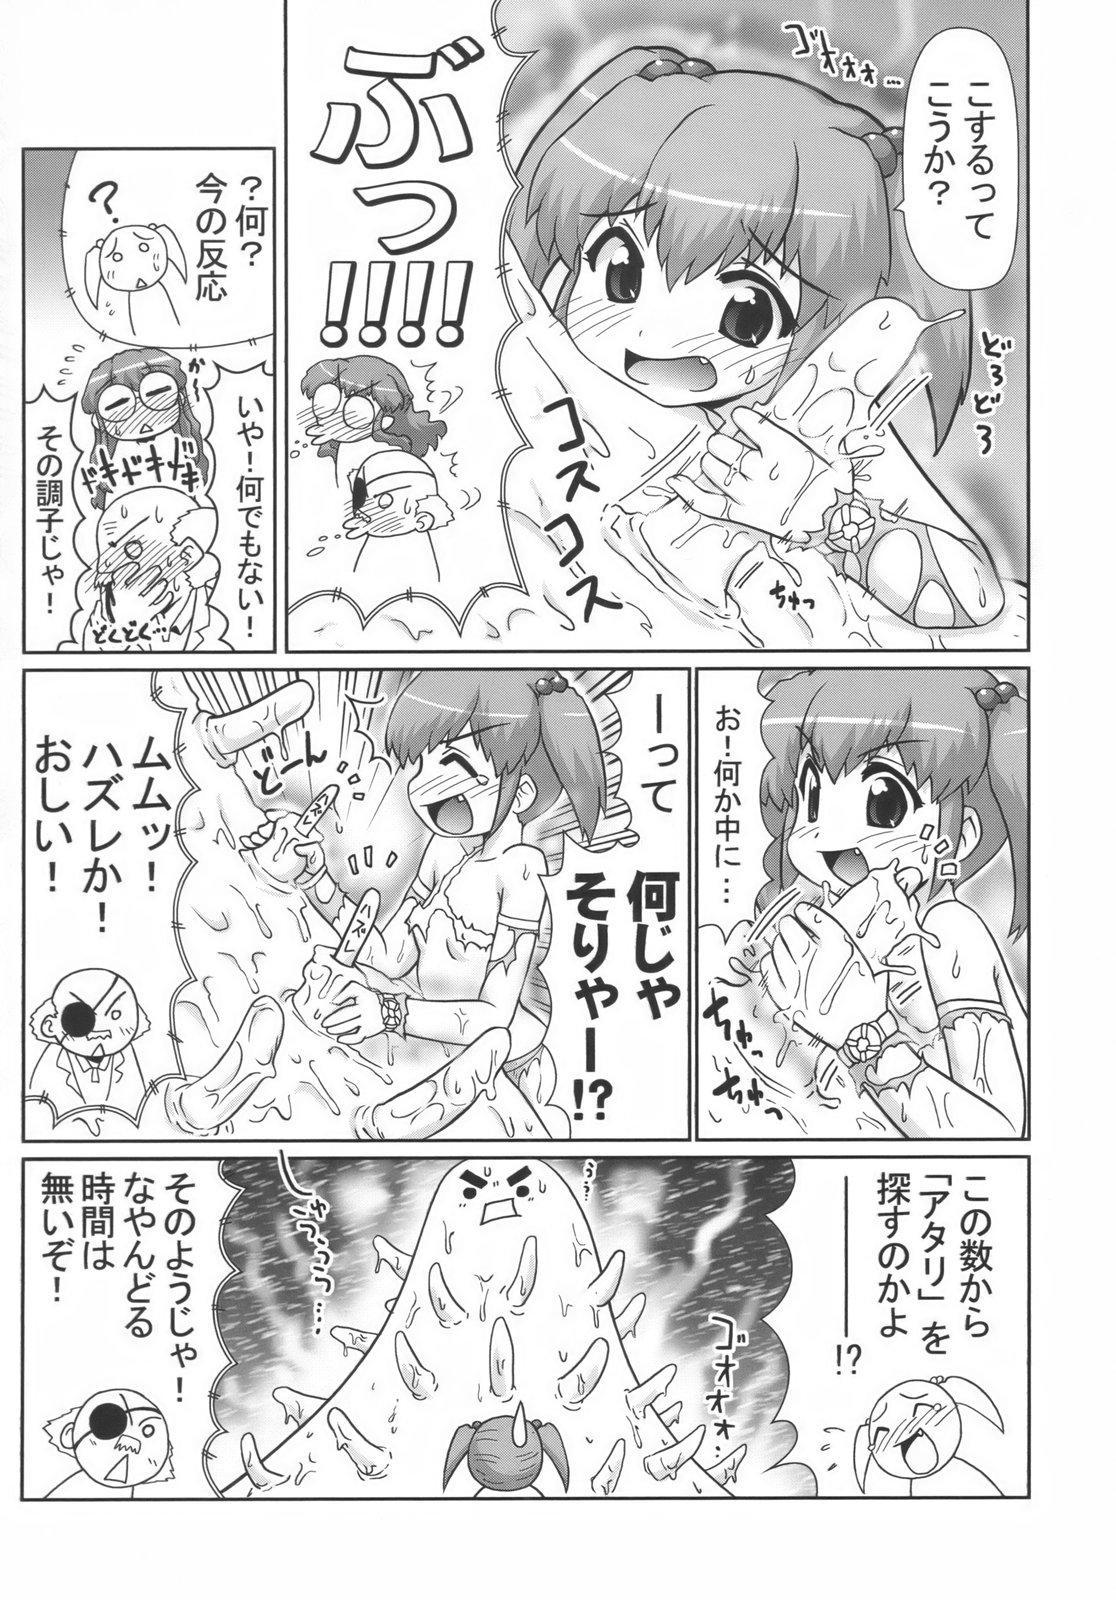 Bishoujo Sentai Petalicon gaiden 17